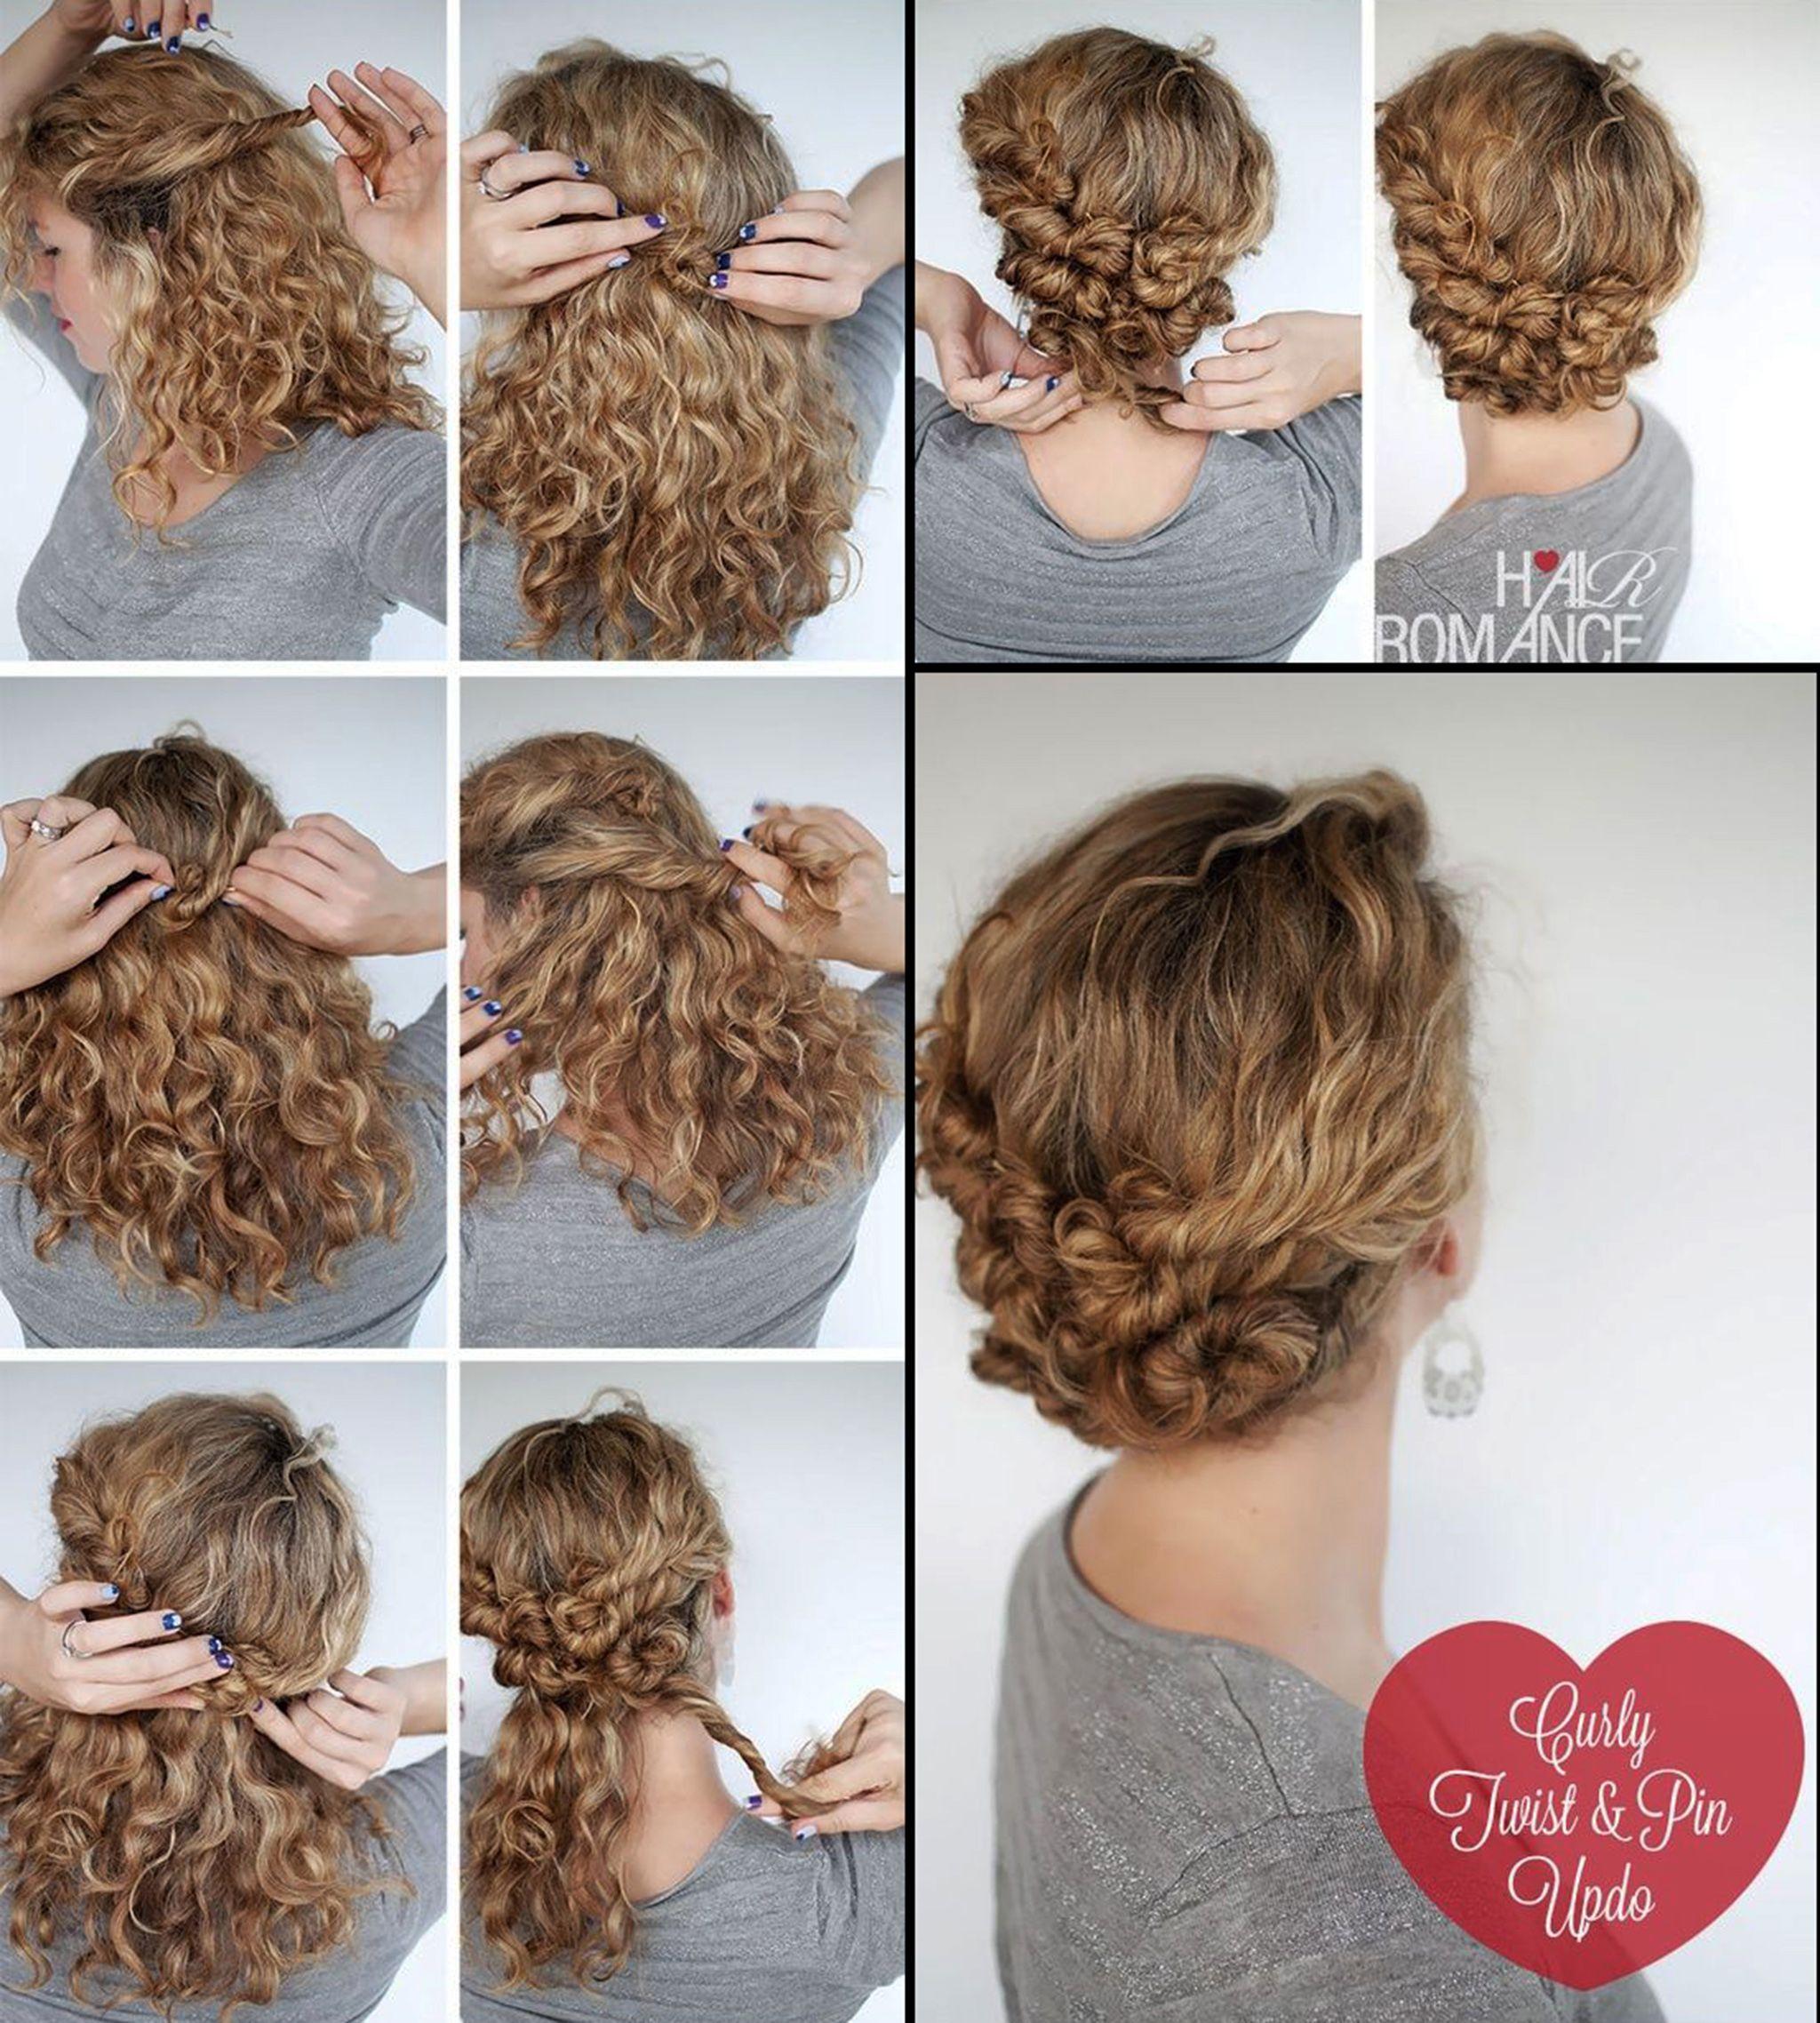 Wwv Hairstylestrends Me Curly Hair Styles Hair Styles Curly Hair Tutorial